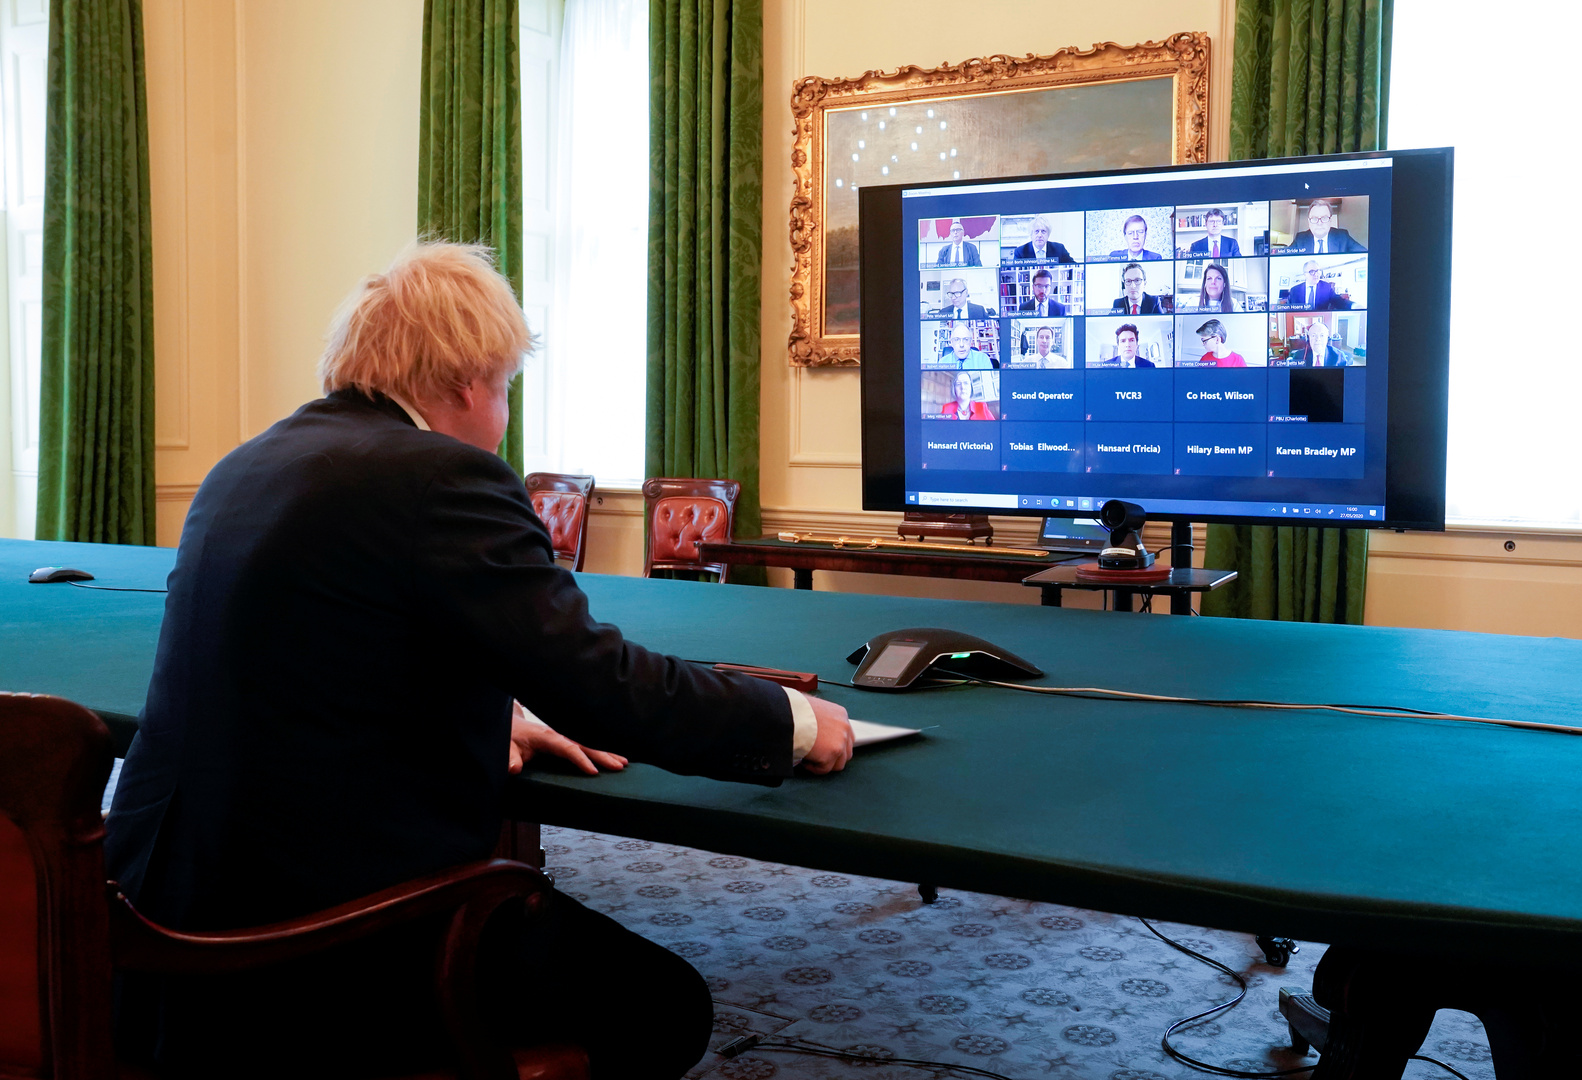 وزير بريطاني: جونسون يتولى مسؤولية إدارة أزمة كورونا